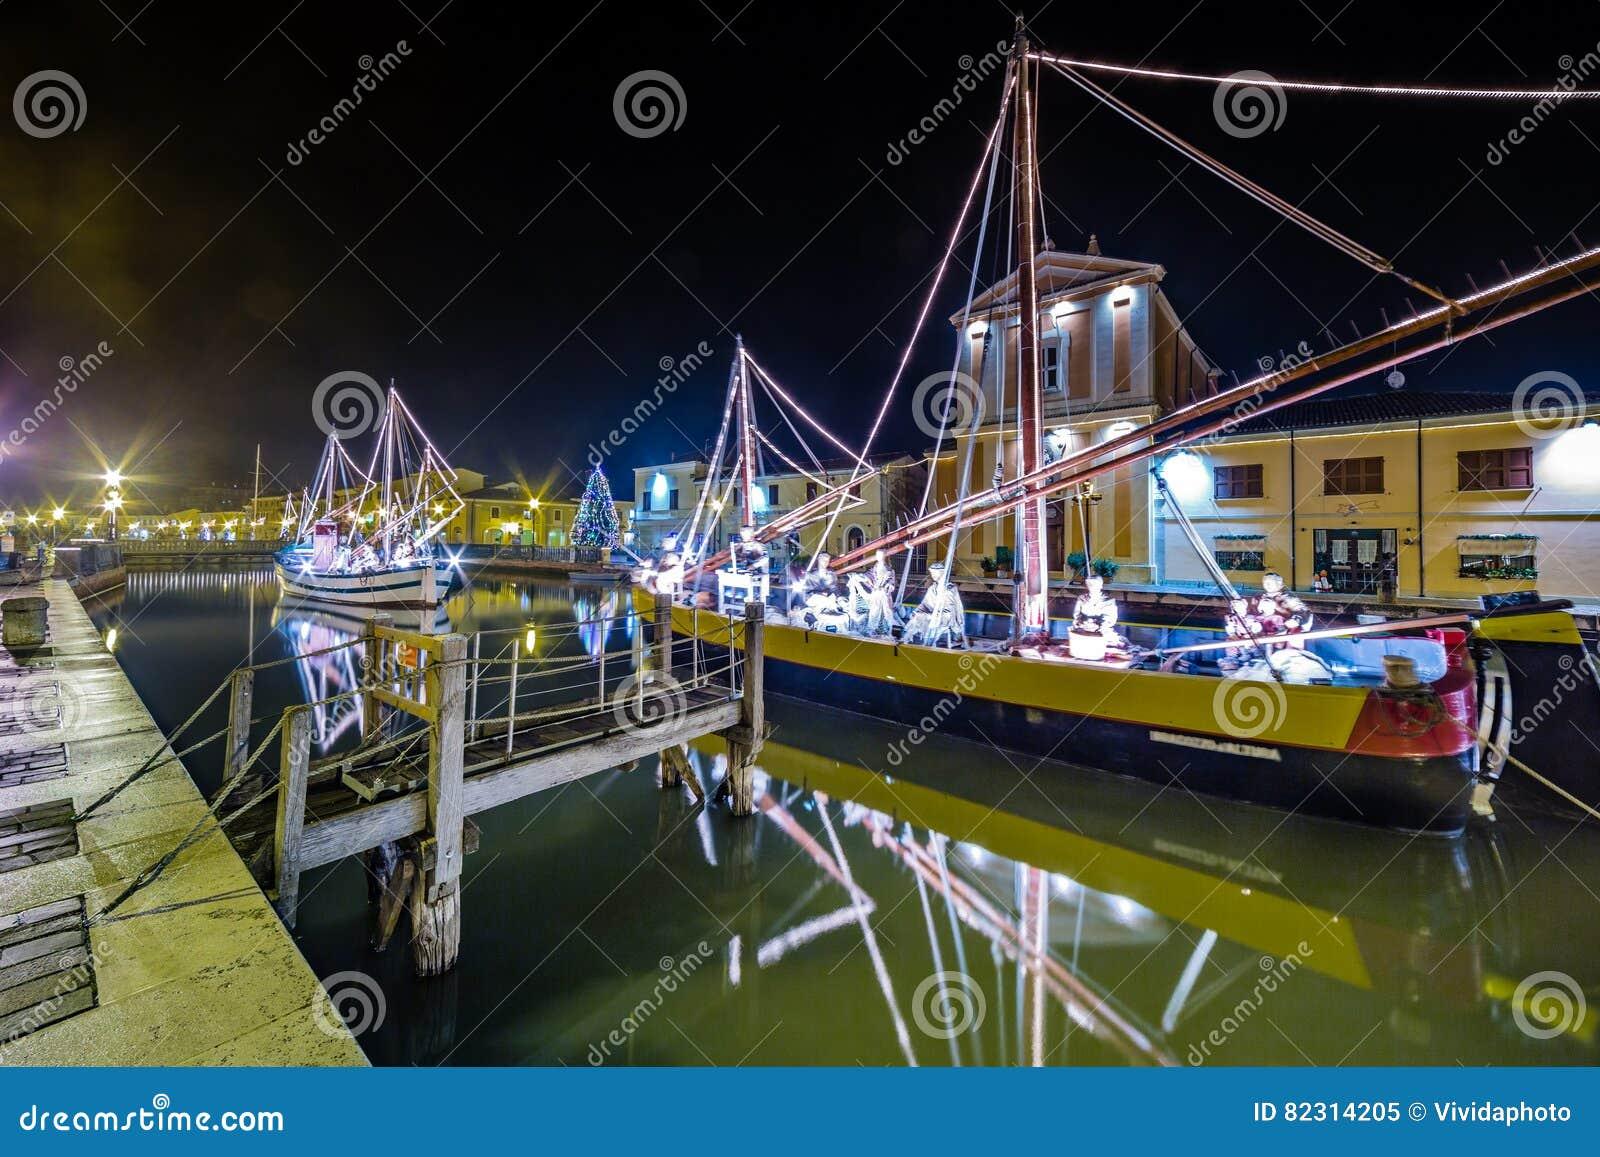 Décorations, lumières et Marine Crib de Noël